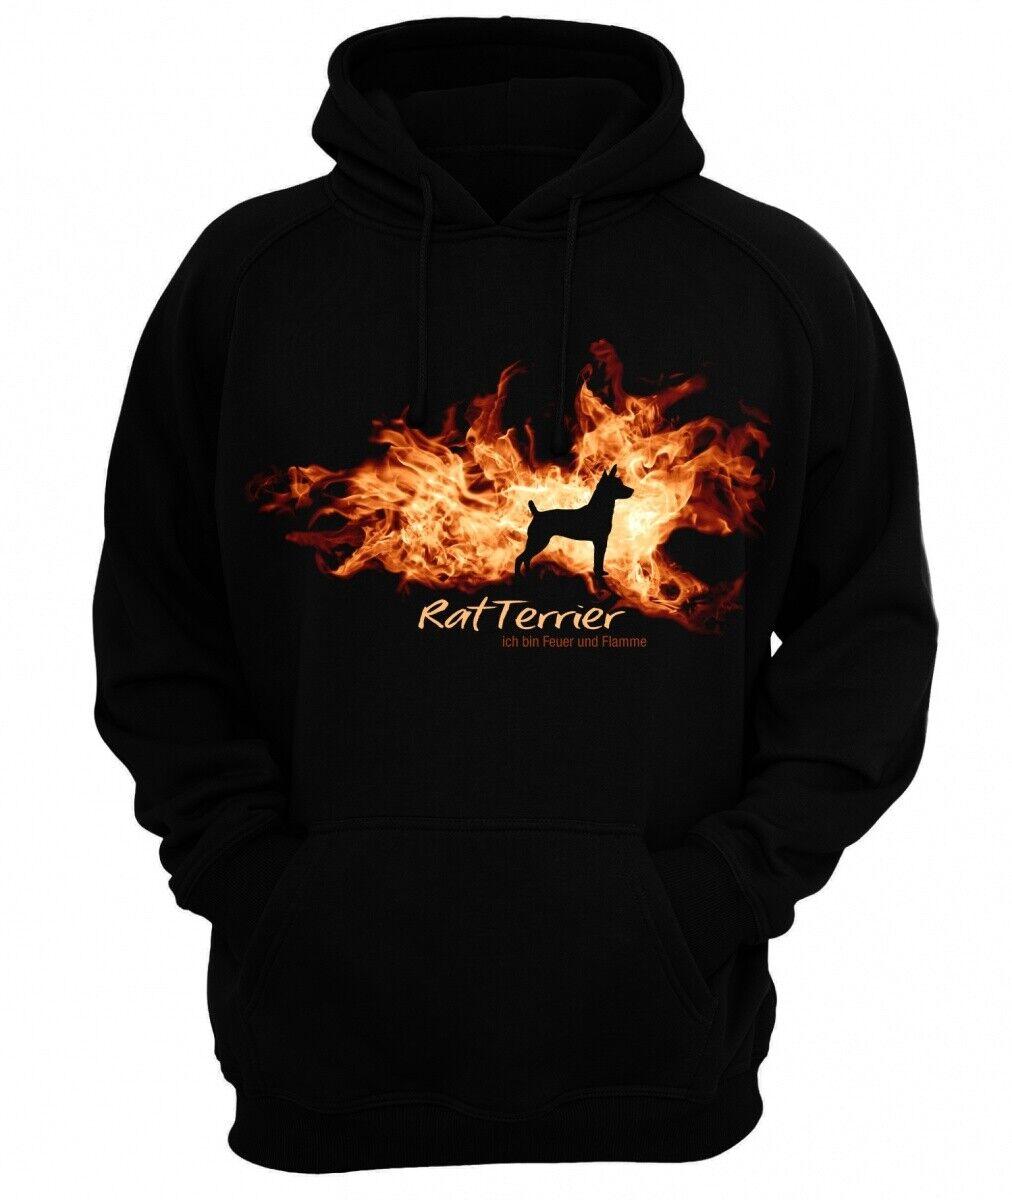 Sweatshirt RAT TERRIER FEUER UND FLAMME by Siviwonder Hoodie  | Zu einem erschwinglichen Preis  | Elegantes und robustes Menü  | Meistverkaufte weltweit